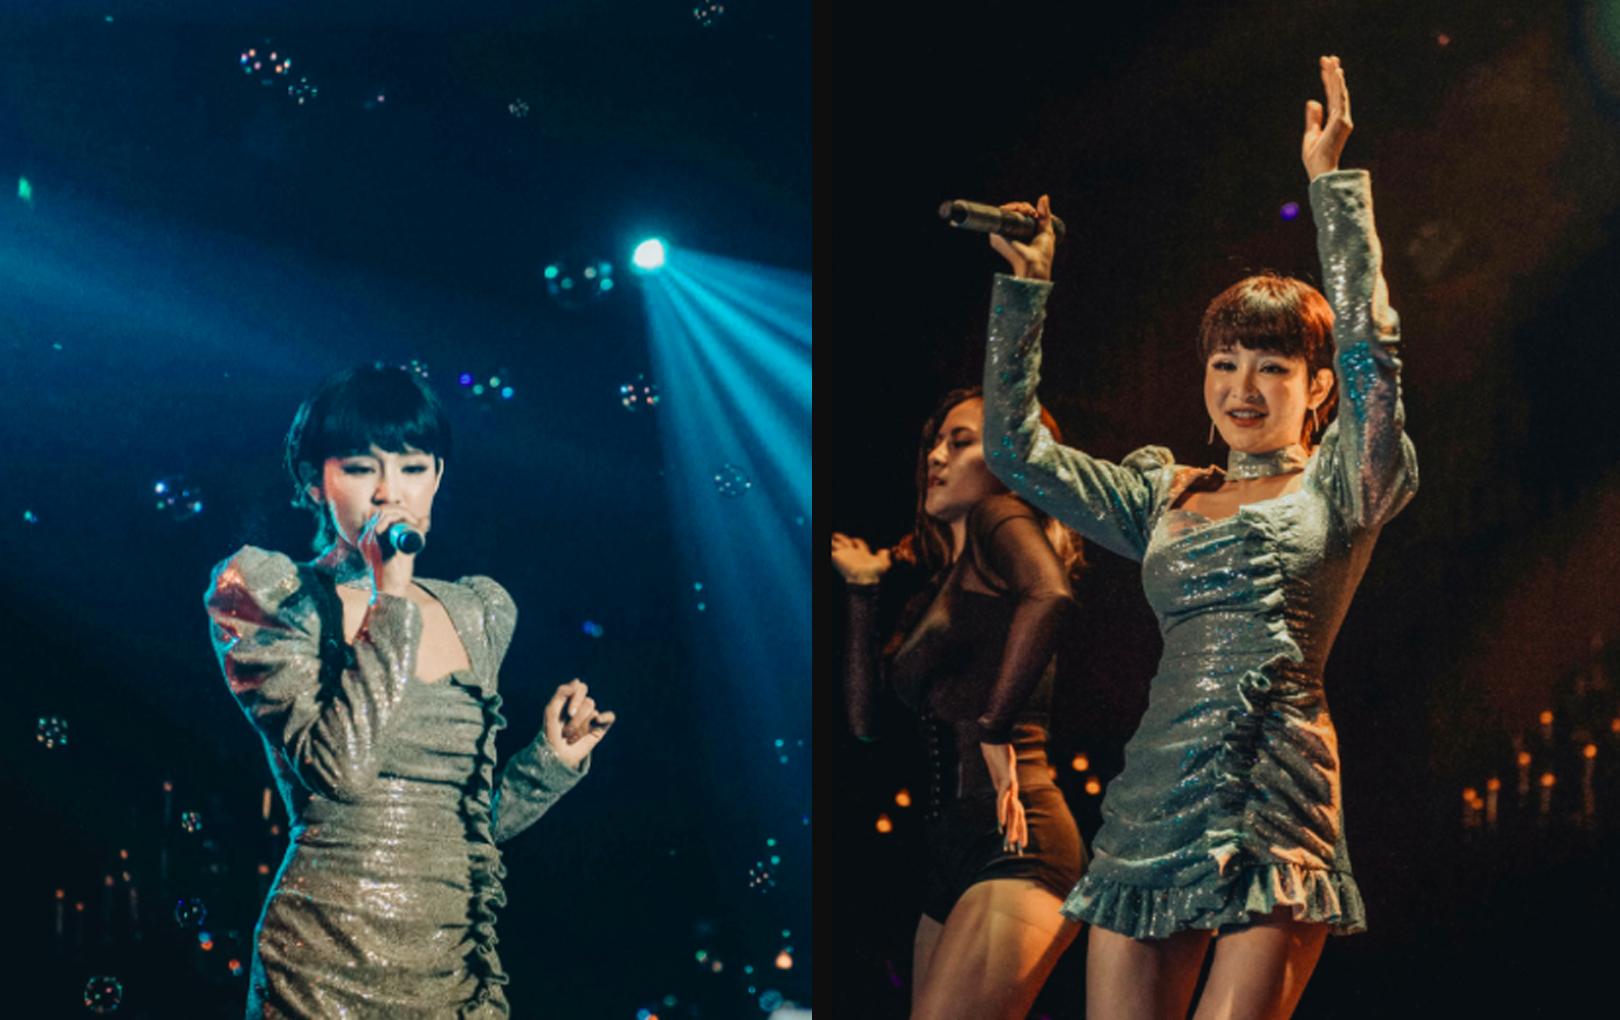 """Đã lâu rồi Hiền Hồ mới hát live, nhiều khán giả thất vọng vì nghe """"khá fail"""""""